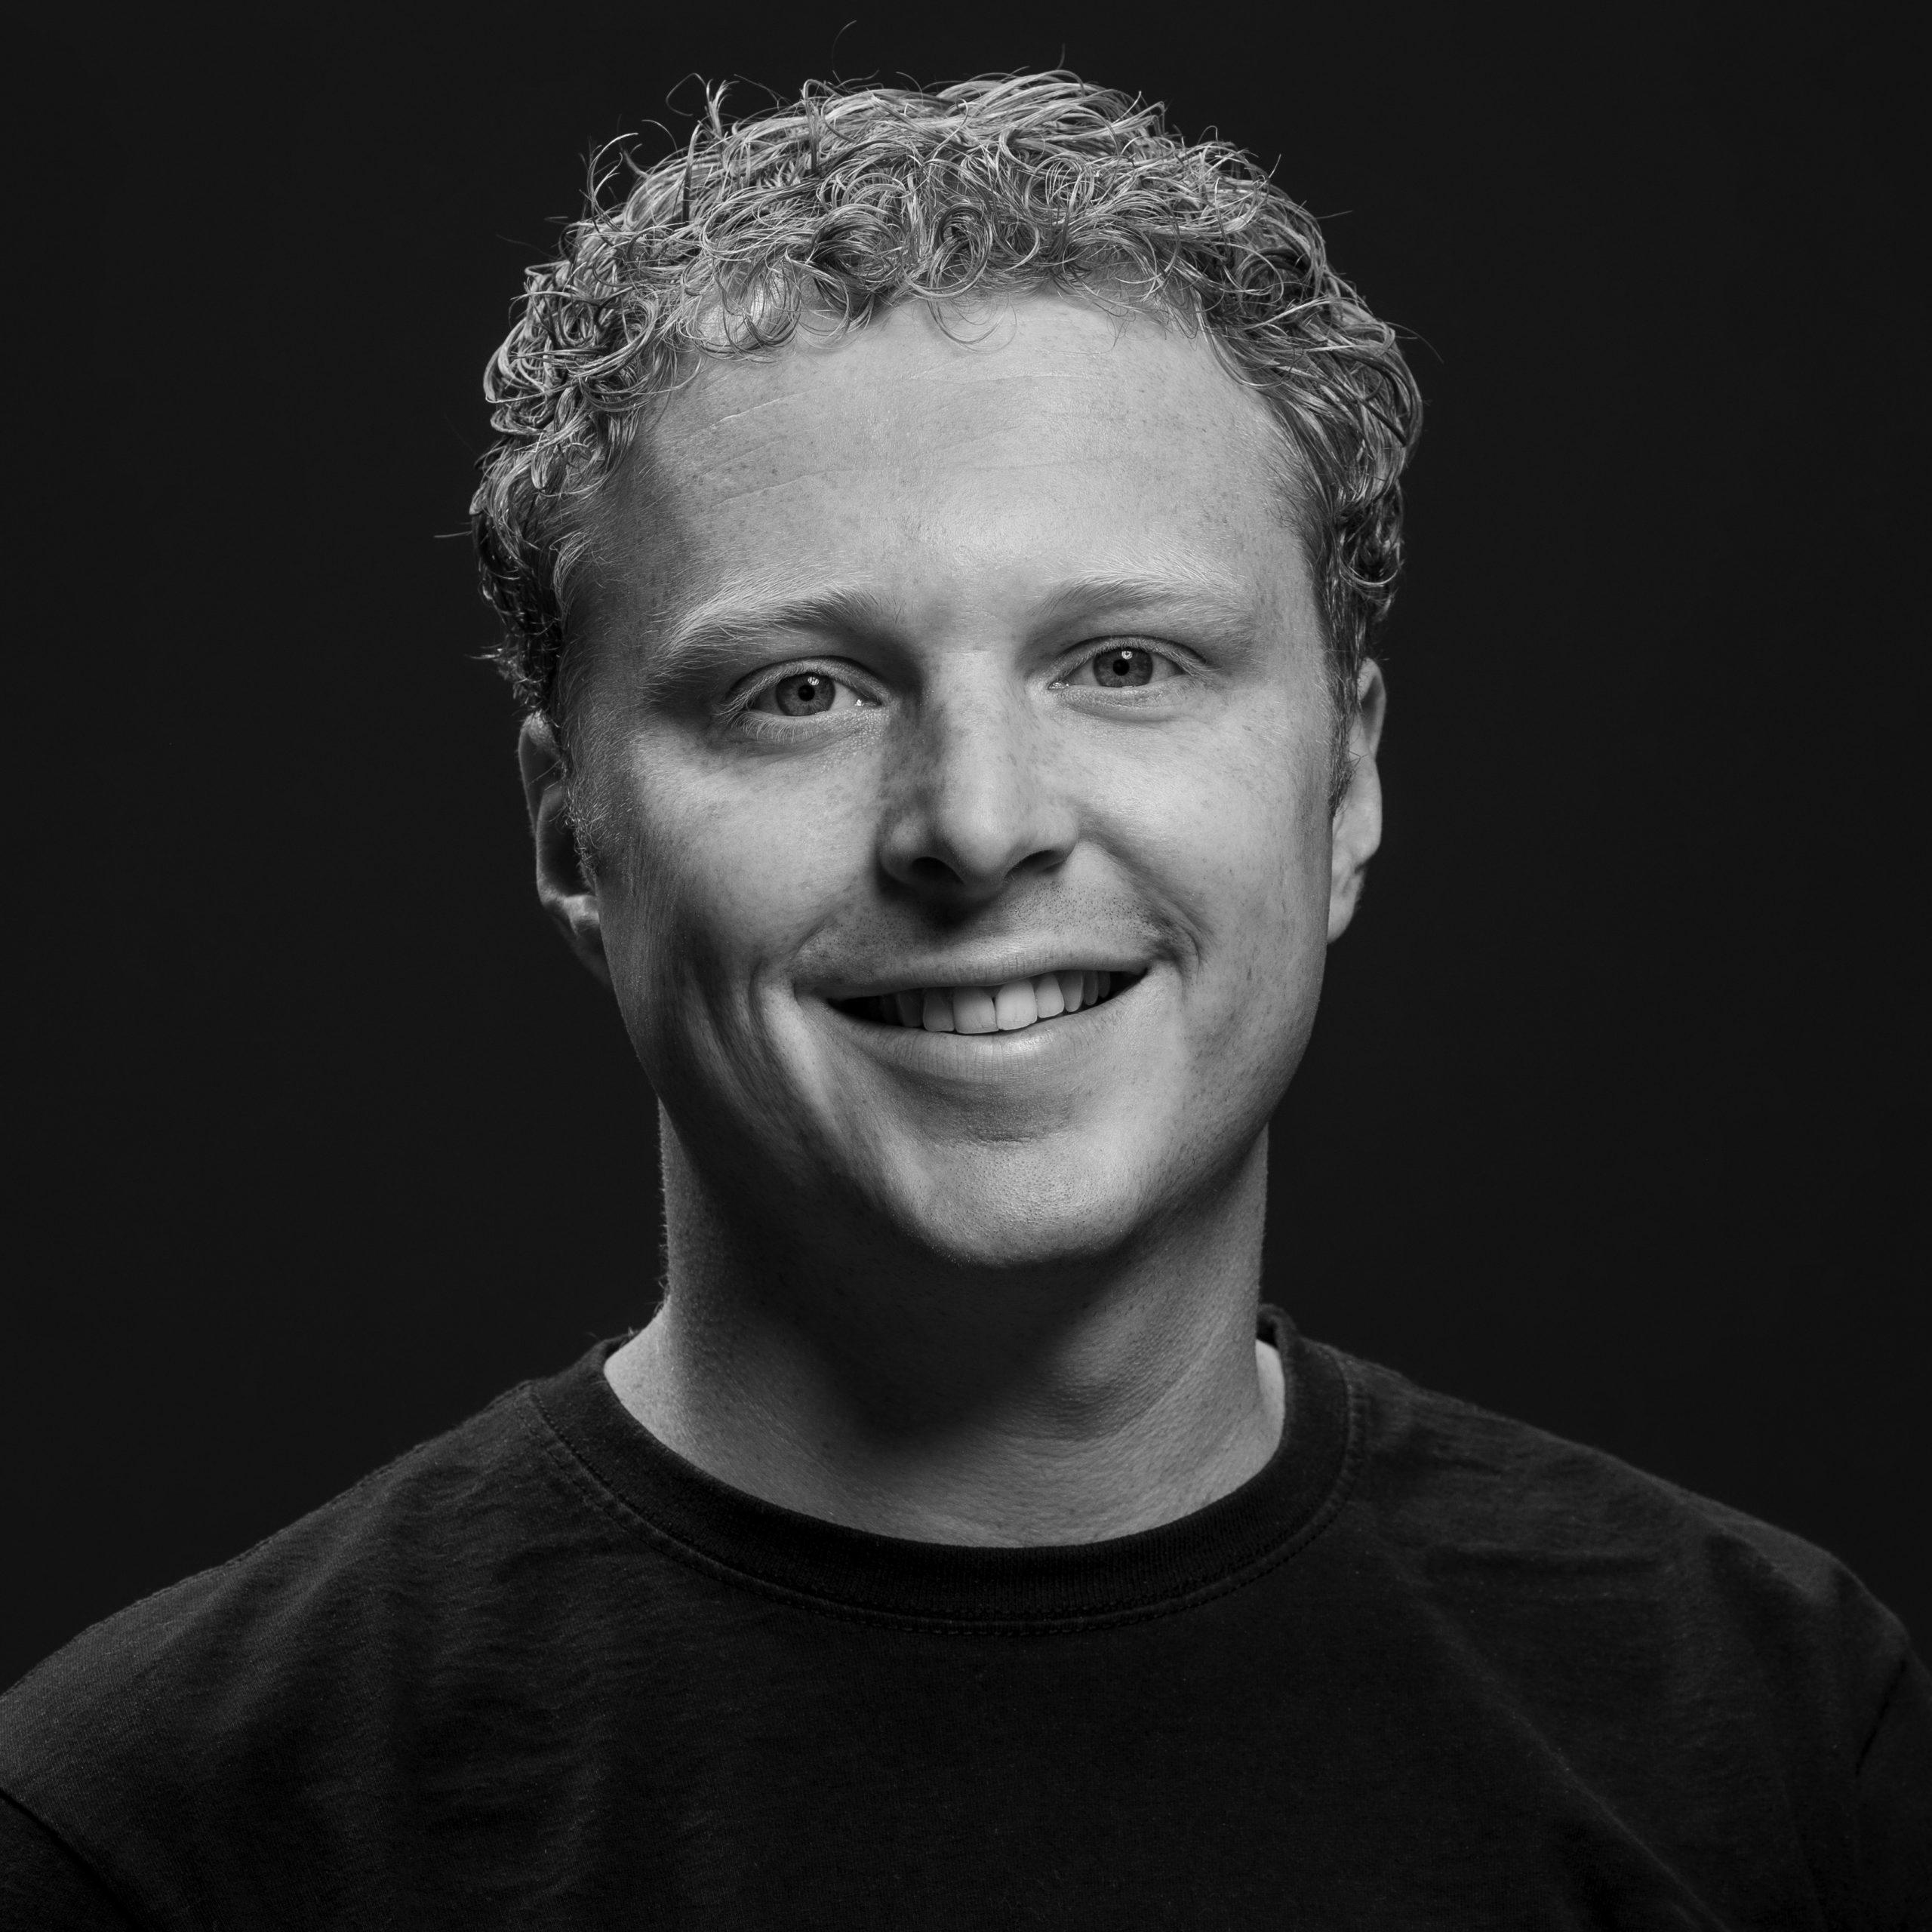 Martijn Apeldoorn